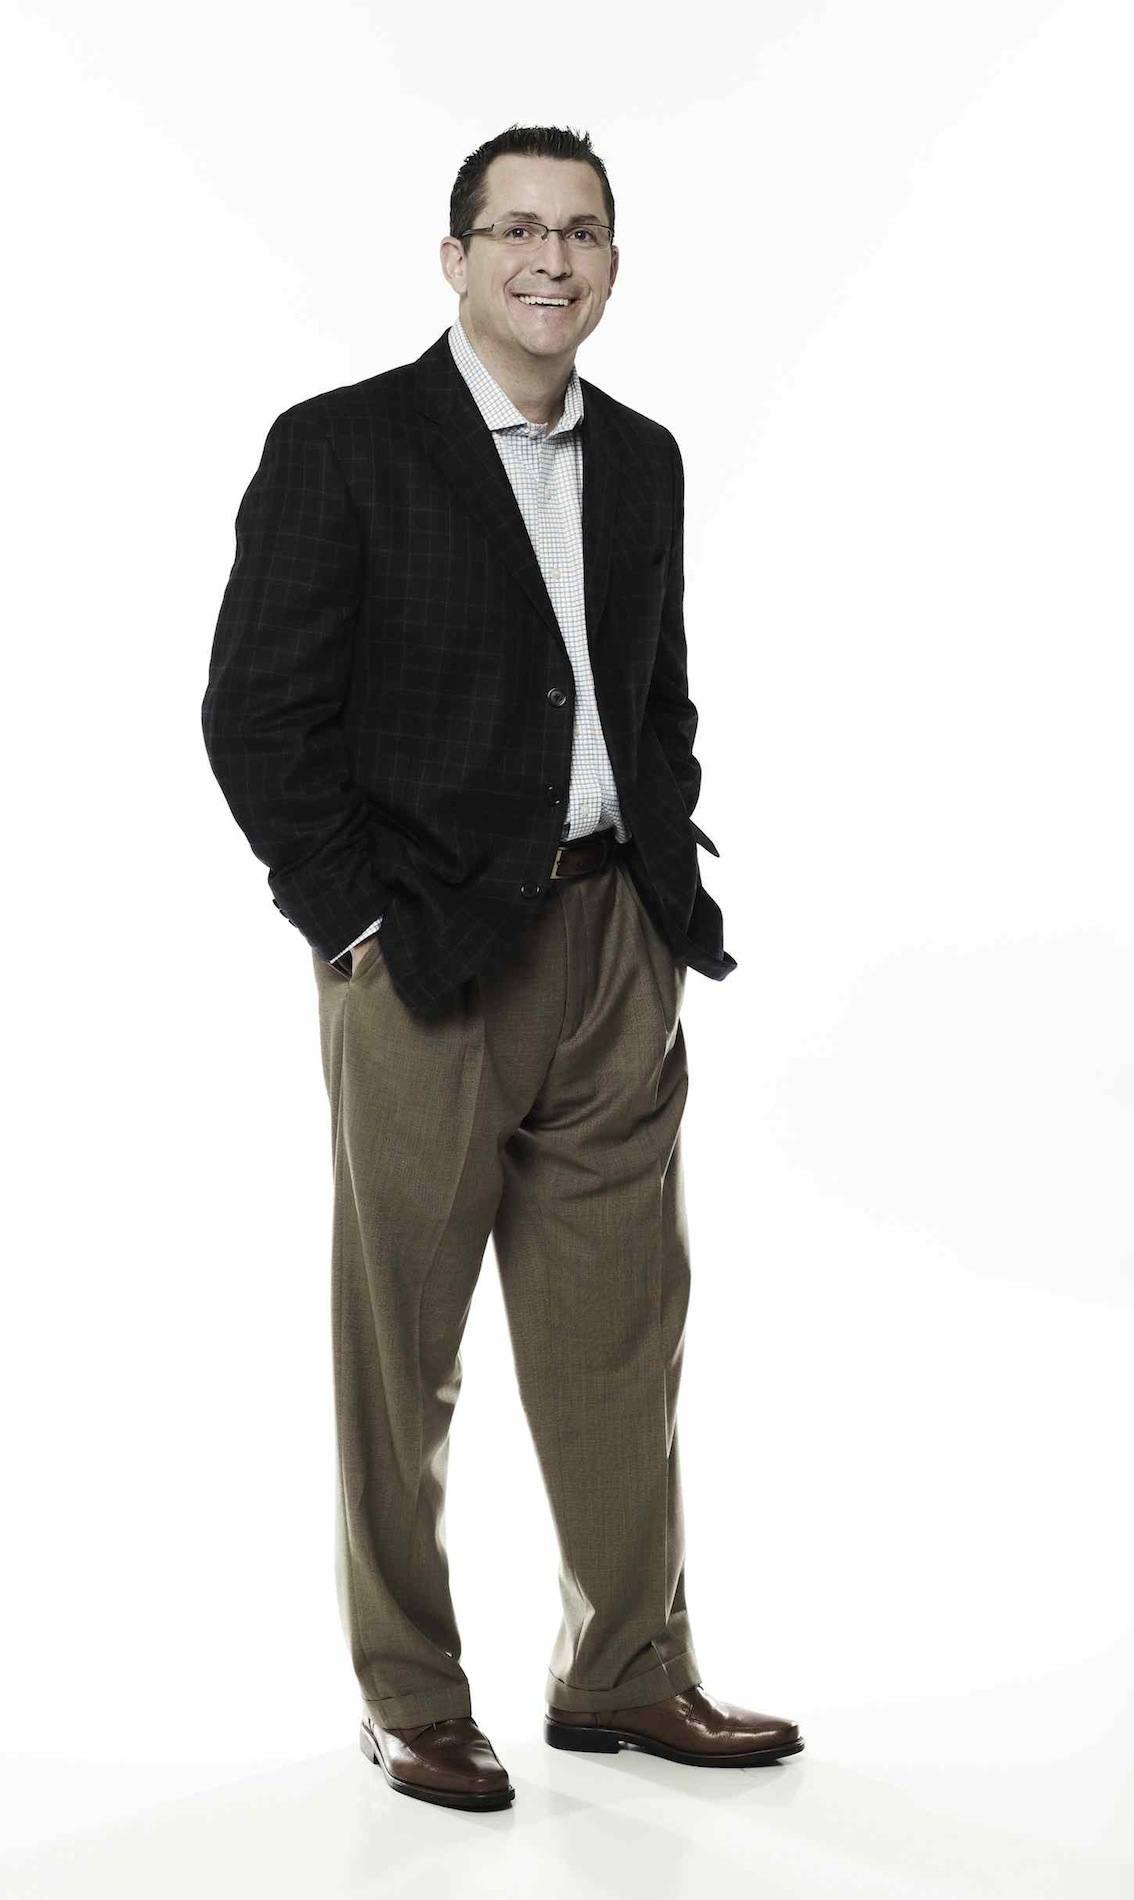 Chuck Oliver, www.TheHiddenWealthSystem.com